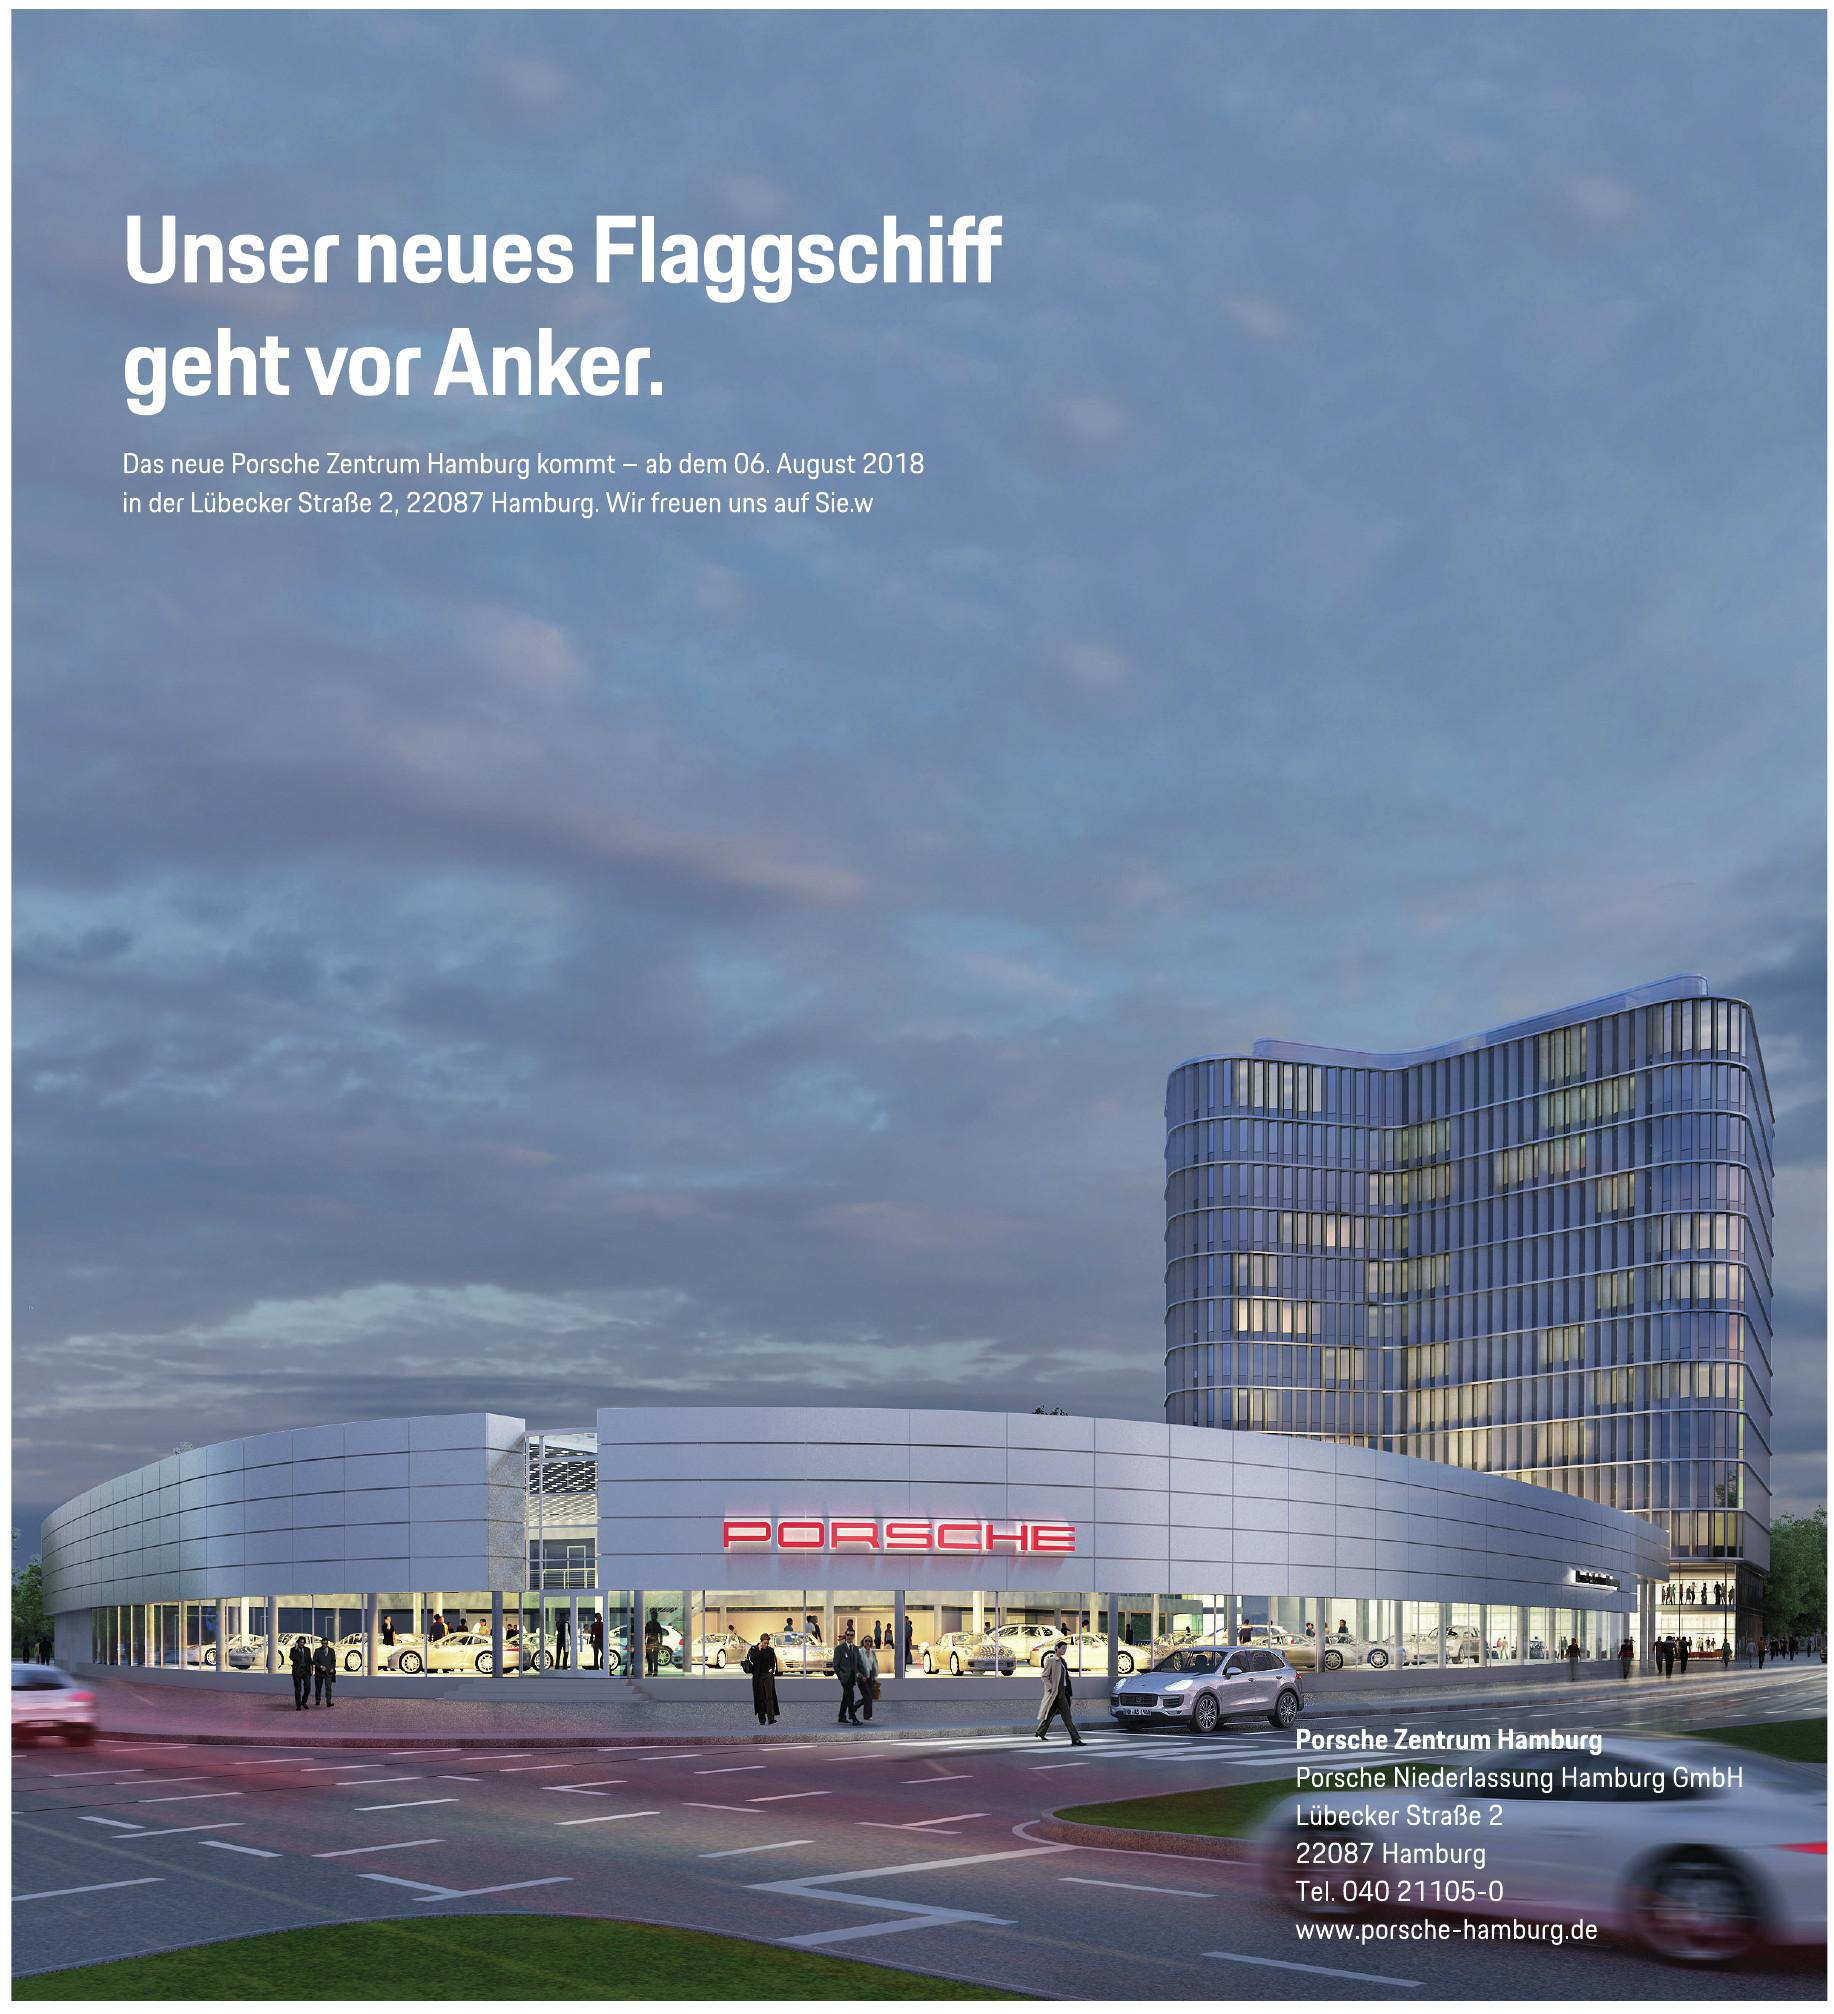 Porsche Niederlassung Hamburg GmbH